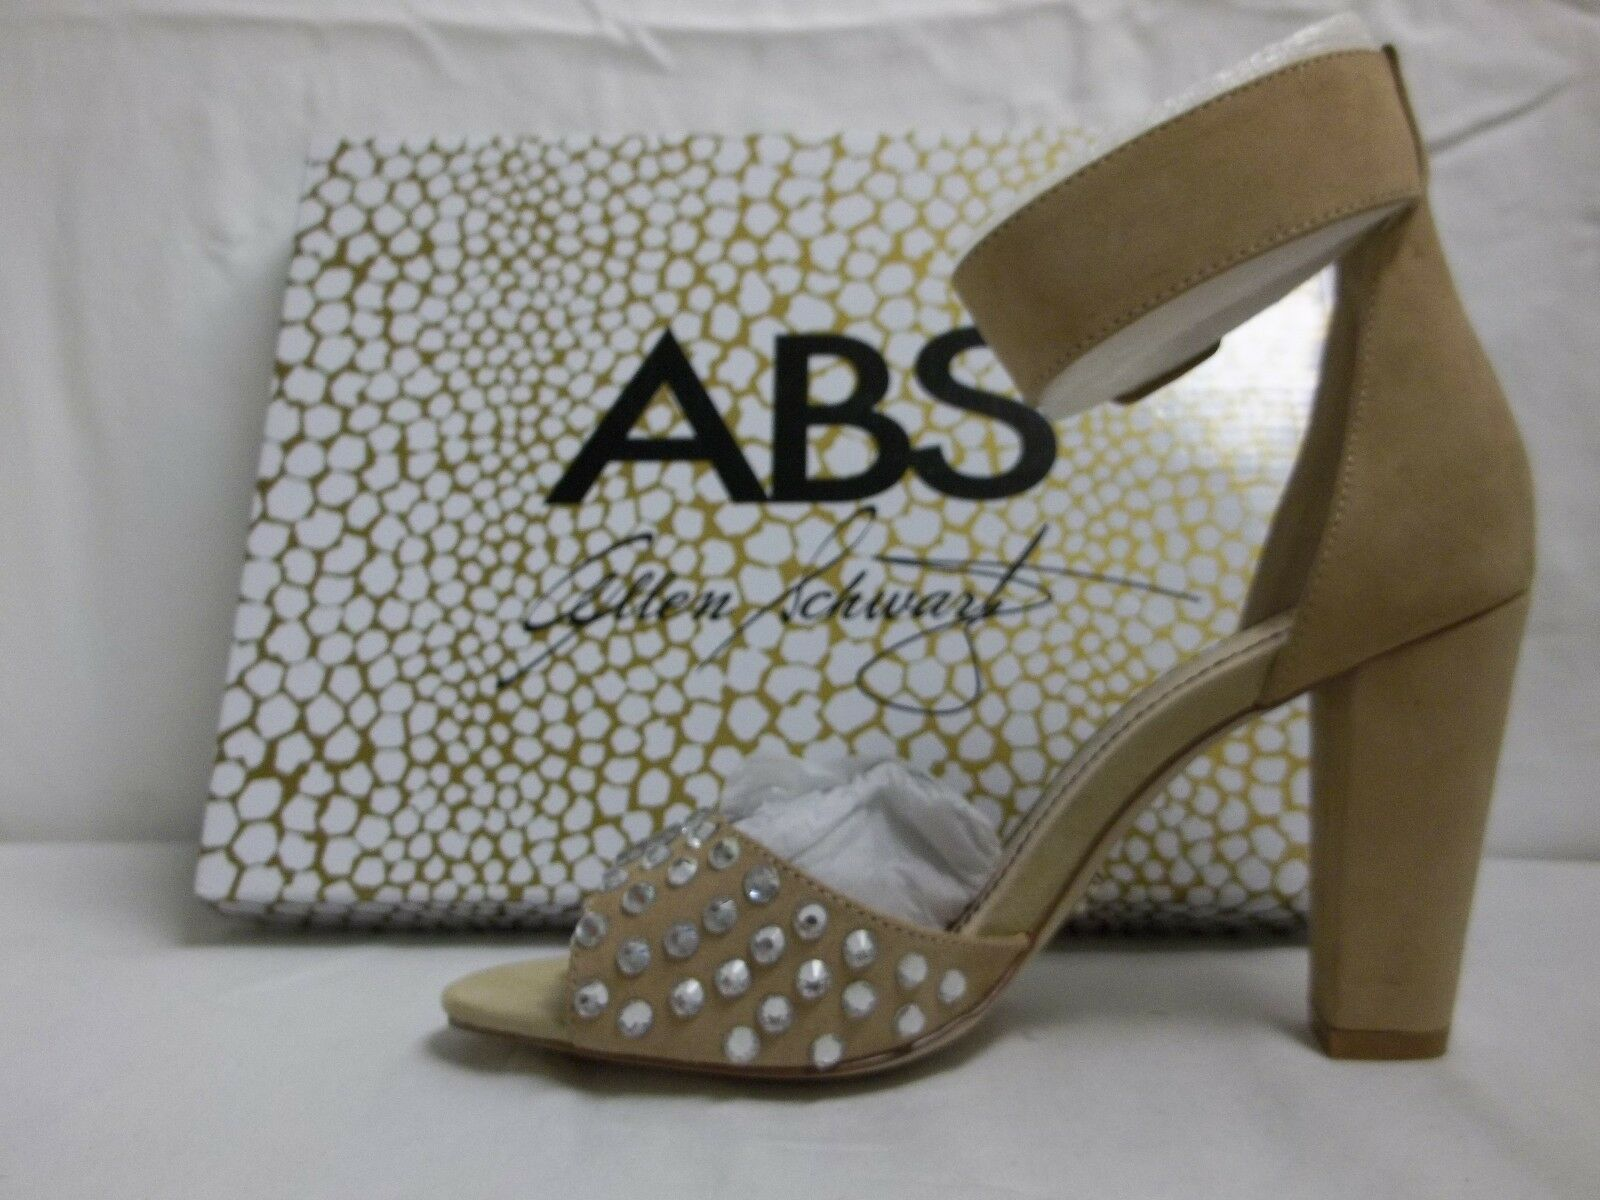 ABS By Allen Schwartz Größe 6 M Divia Bone Suede Heels NEU Damenschuhe Schuhes